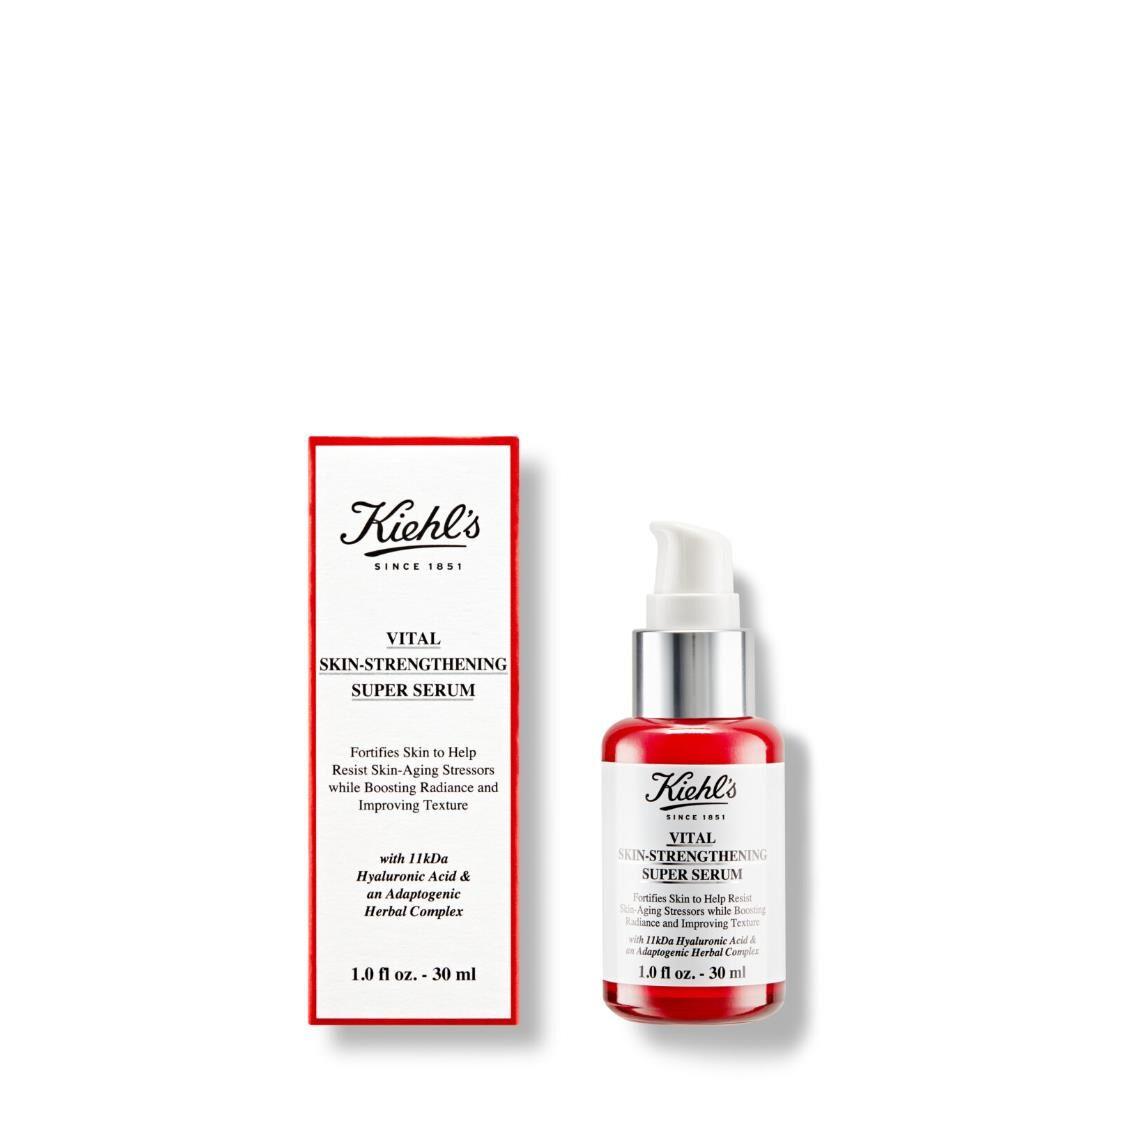 Kiehls Since 1851 Vital Skin-Strengthening Super Serum 30ml